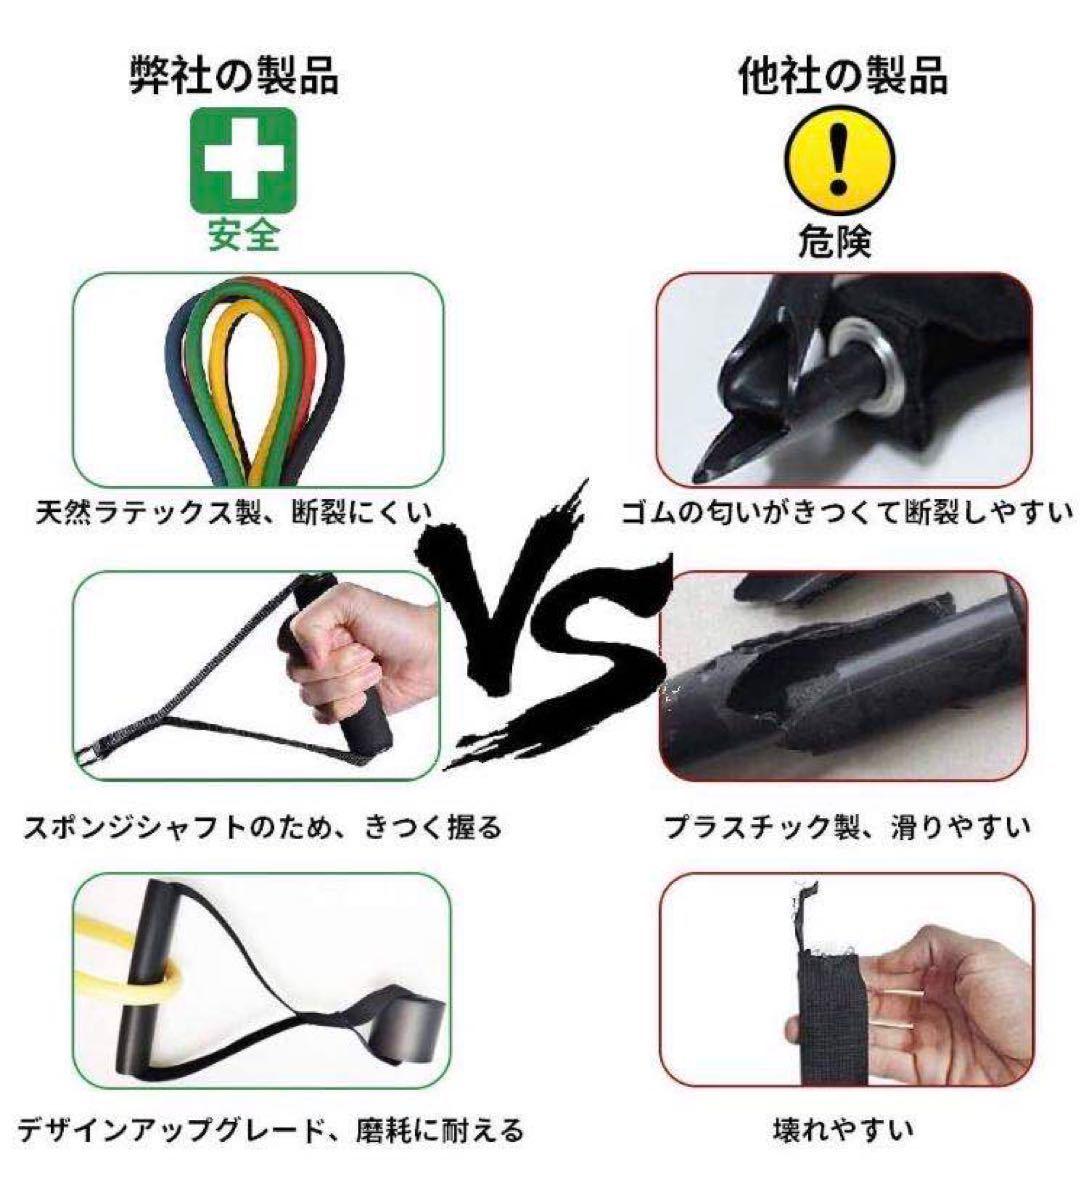 トレーニングチューブ フィットネスチューブ エクササイズバンド 日本語説明書付き